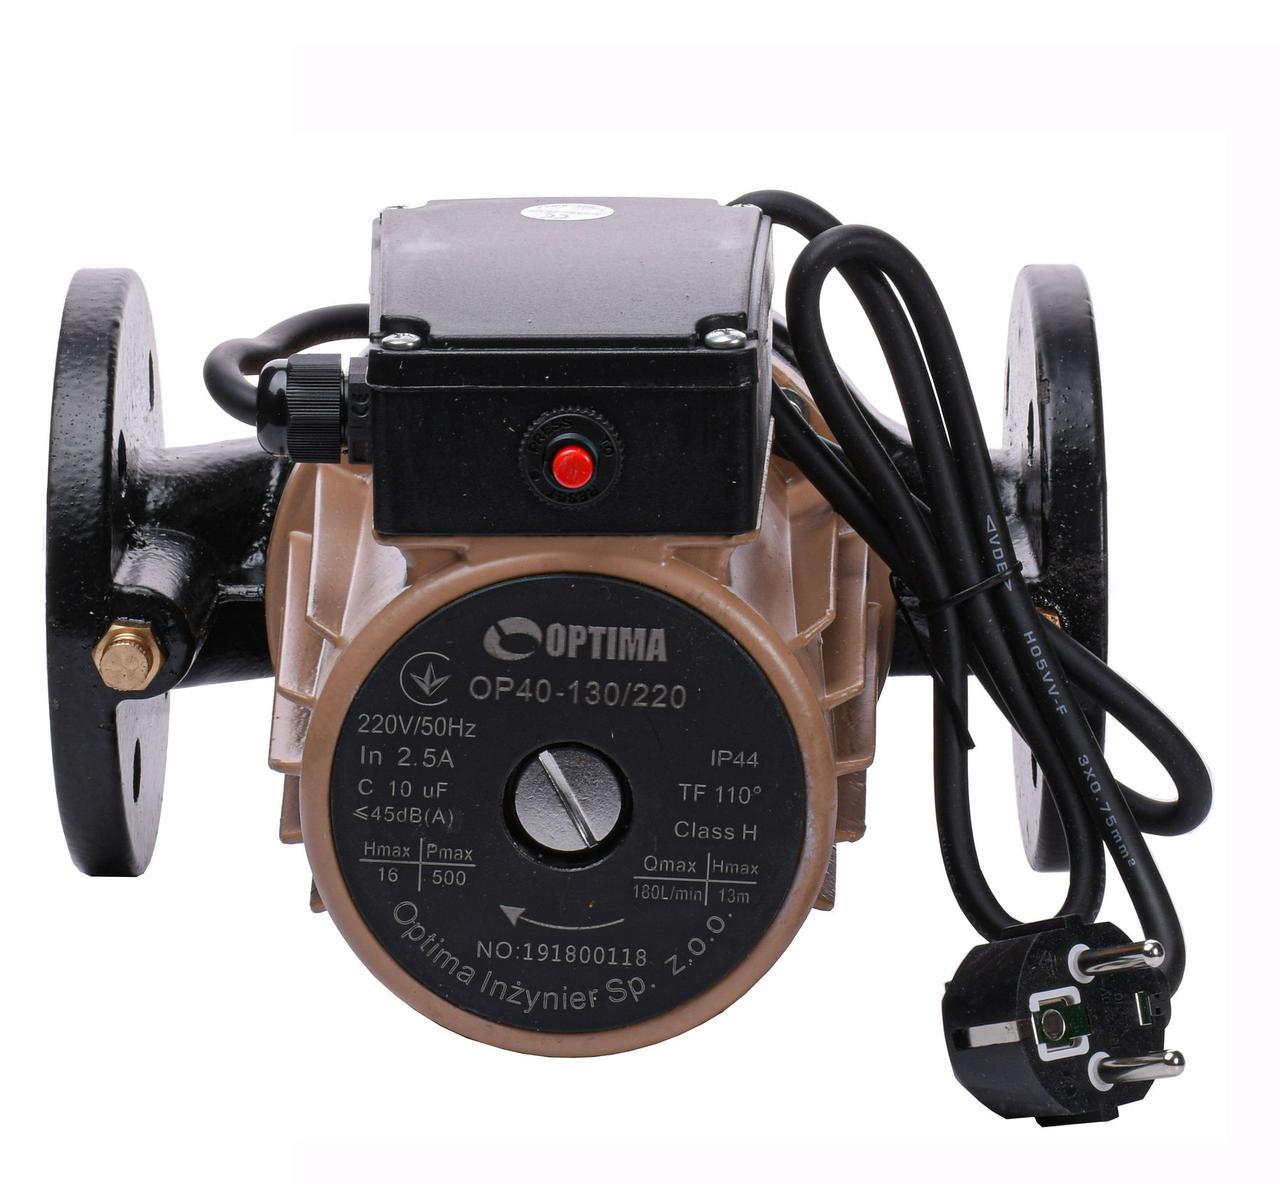 Насос циркуляционный фланцевый Optima OP40-130 220 мм + кабель с вилкой